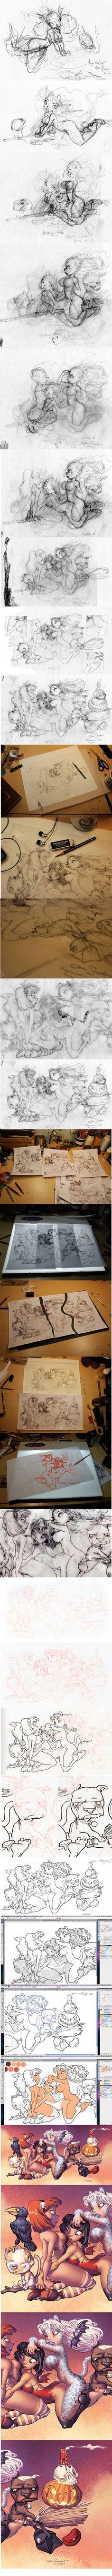 Chris Sanders sketch process